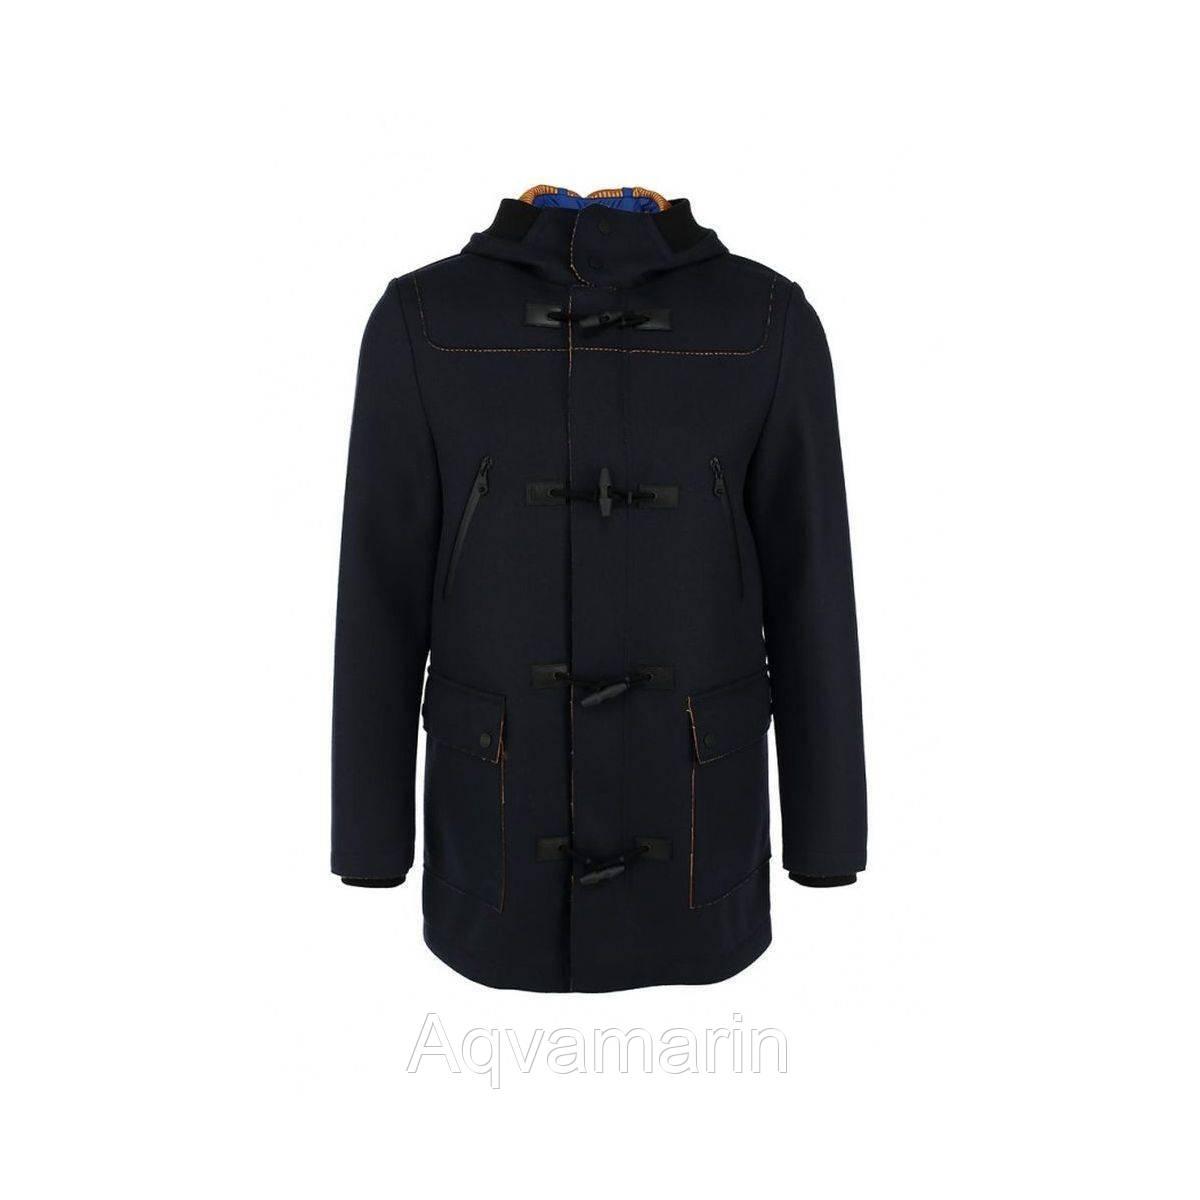 Пальто Geox M5415D DK NAVY LT CARROT 58 Синий (M5415DDNVLC) - Aqvamarin в 1be1838252004